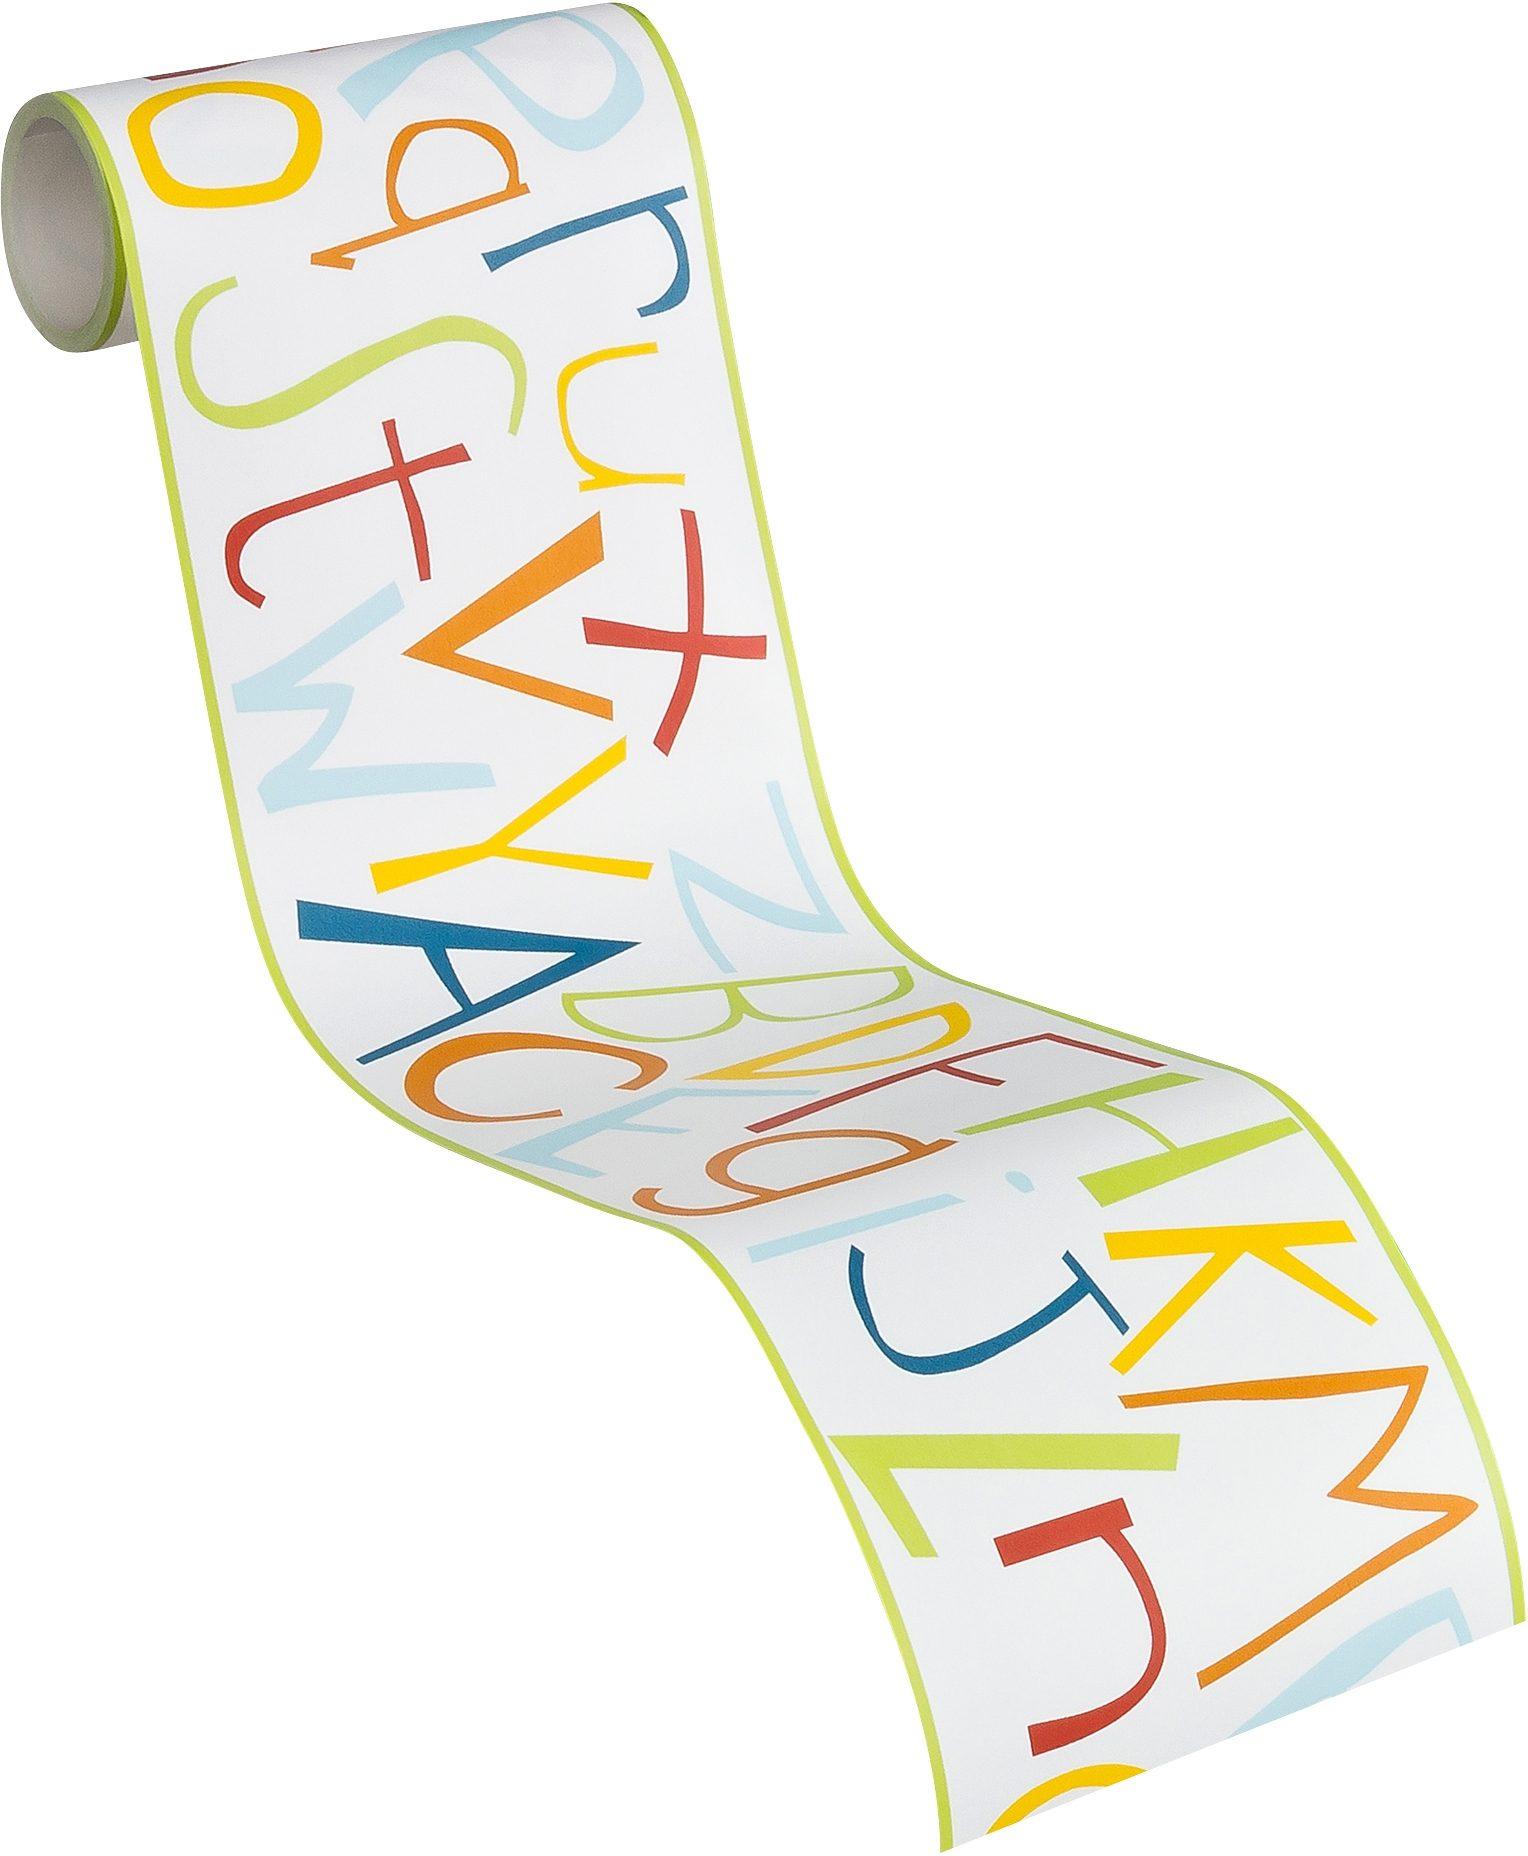 selbstklebende Bordüre, Livingwalls, »Kids Party - Buchstabenpuzzle«